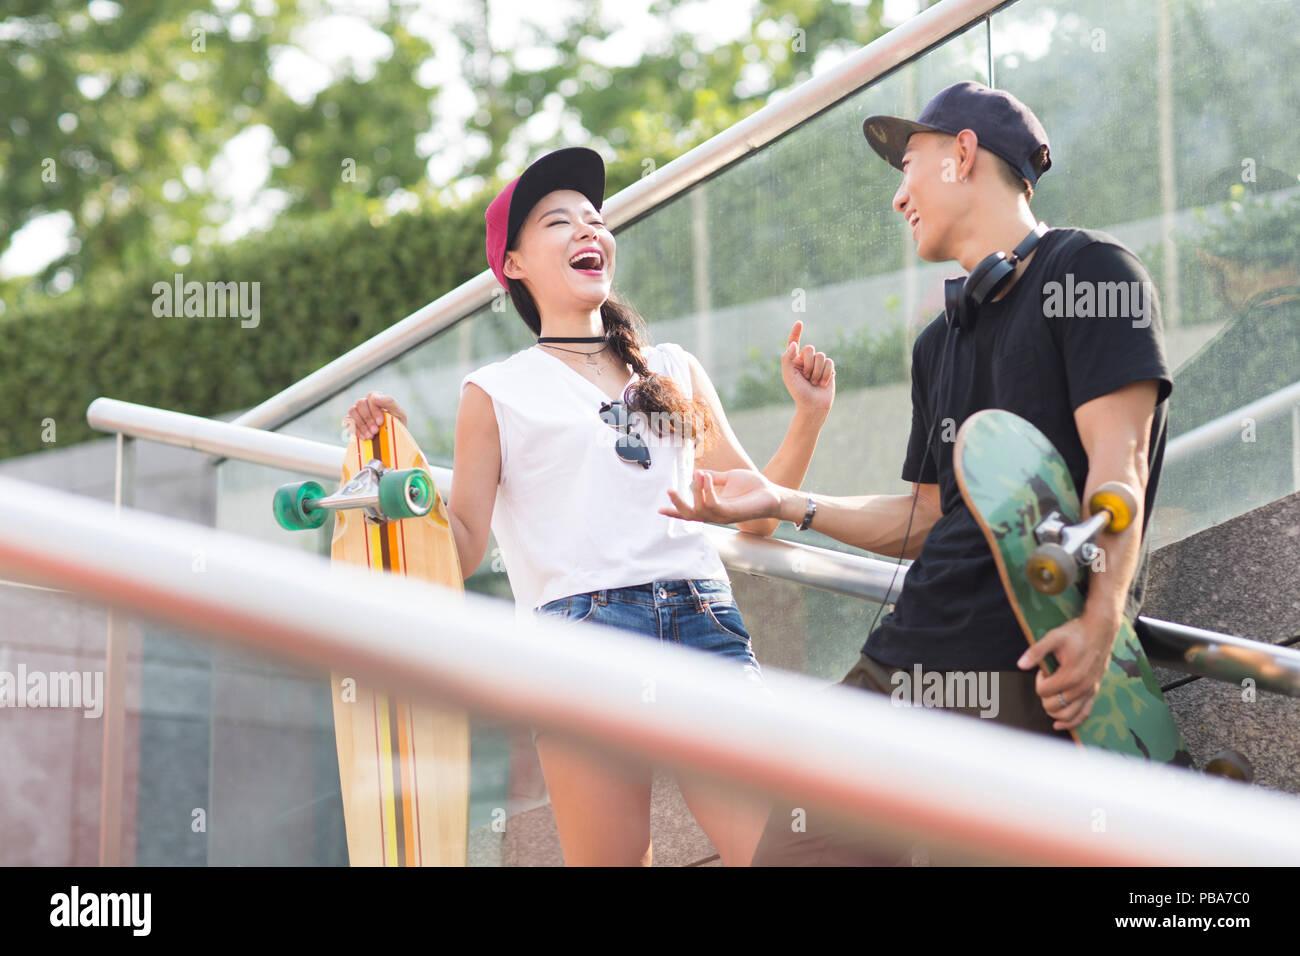 Alegre pareja joven chino con skateboard hablando en las escaleras Imagen De Stock